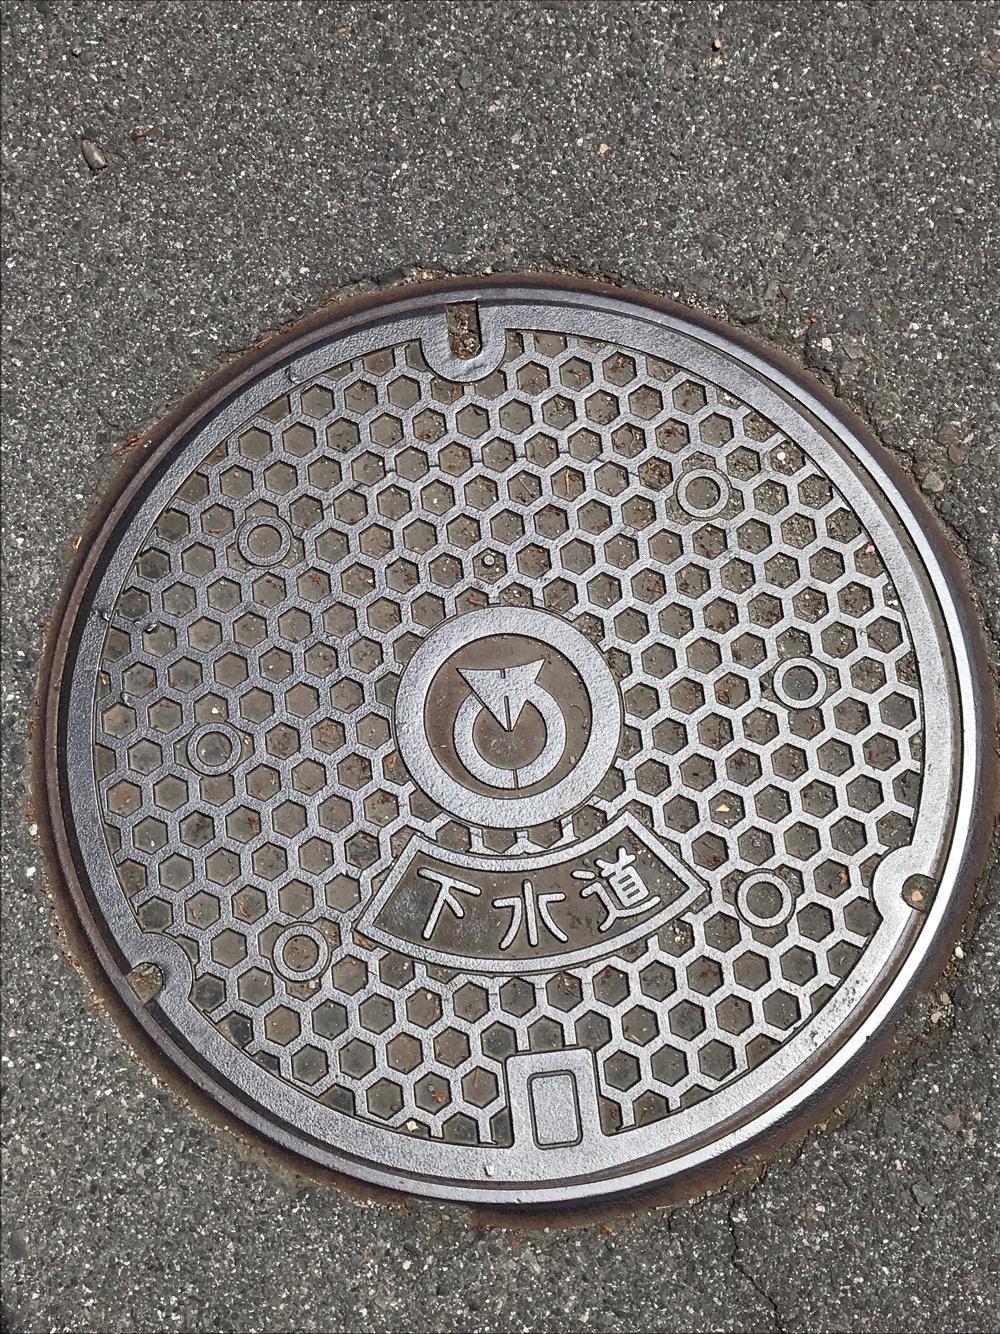 長野県茅野市の下水道のマンホールの蓋(アスファルトの上)